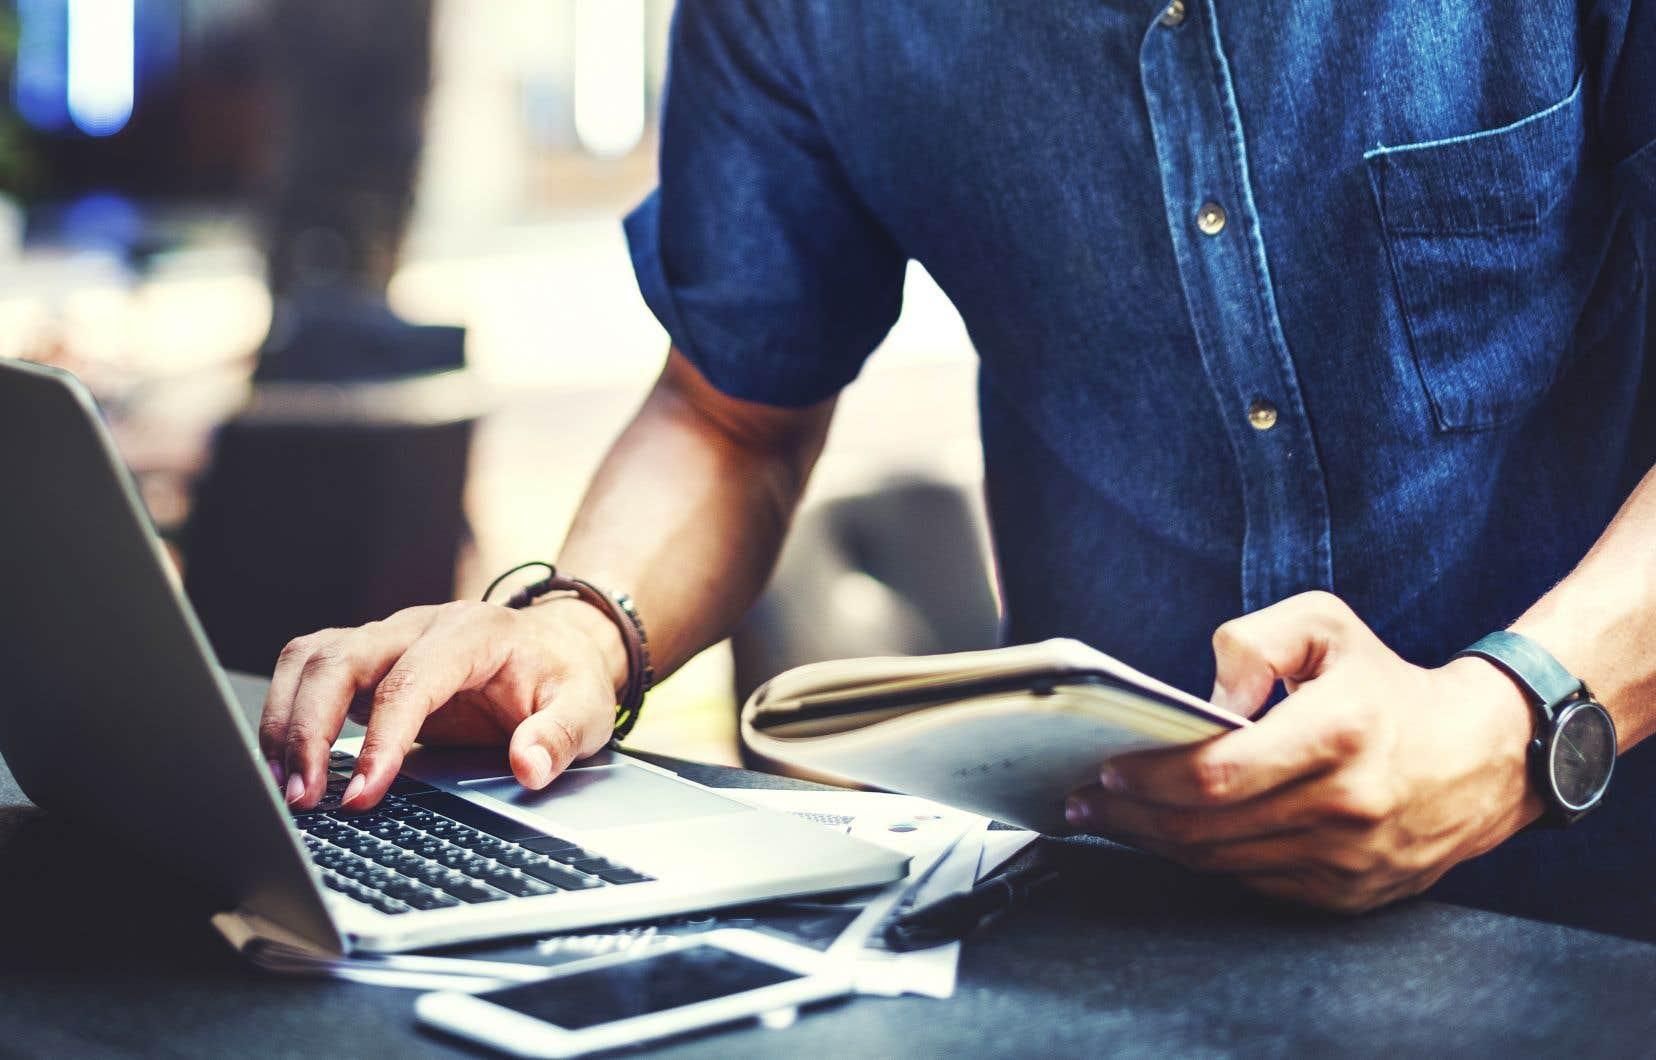 Il est primordial que le gouvernement canadien révise sa Loi sur le droit d'auteur de manière à rétablir un équilibre permettant aux créateurs canadiens de tirer leur épingle du jeu à l'ère numérique, estiment les auteurs.